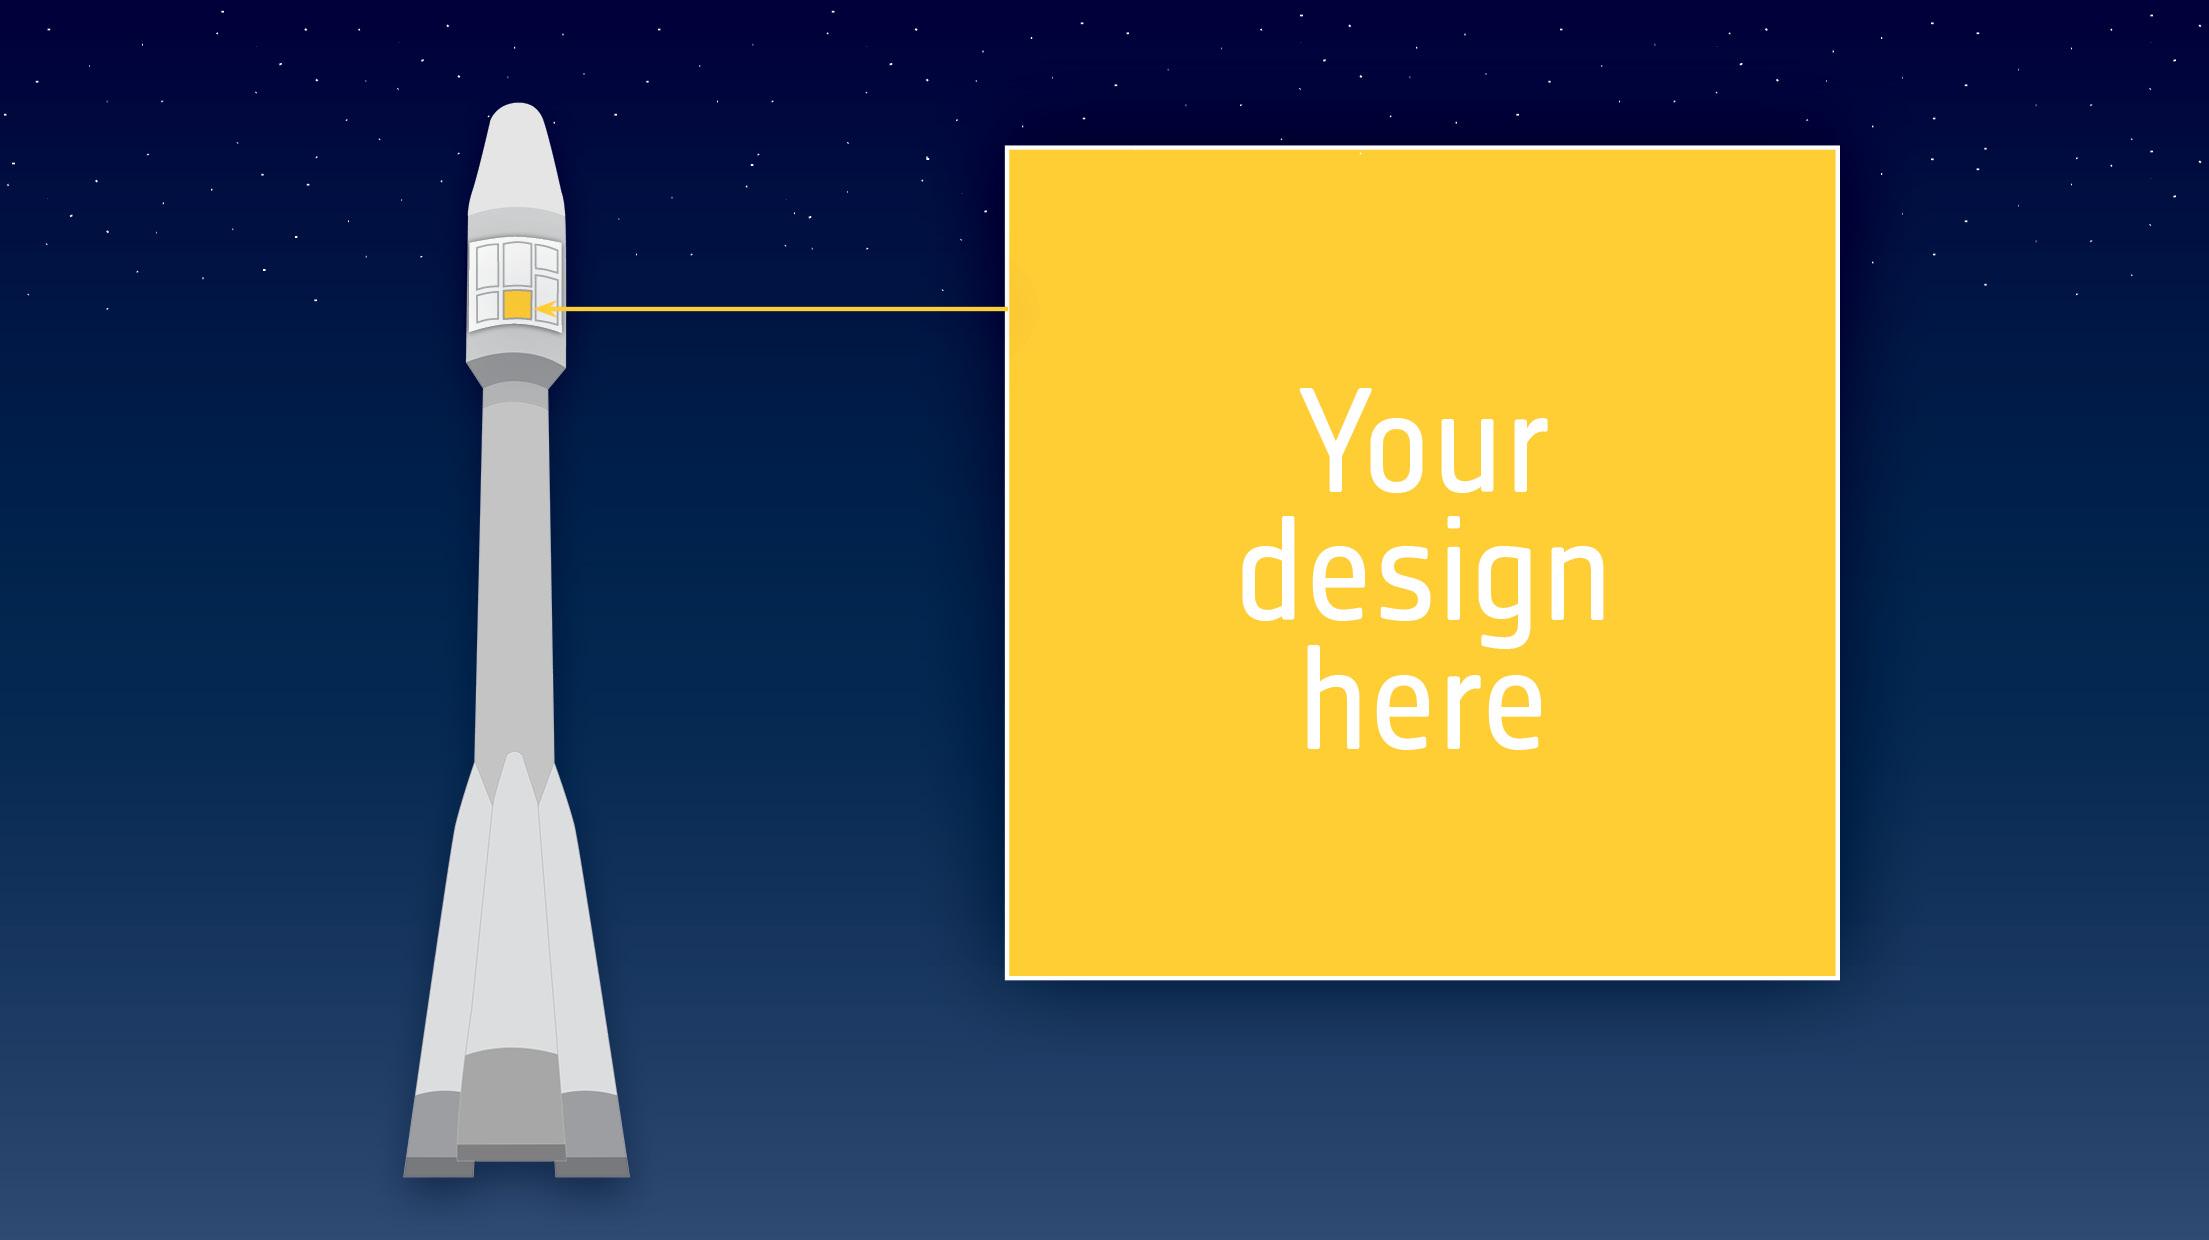 Vill du skicka upp din design i rymden?